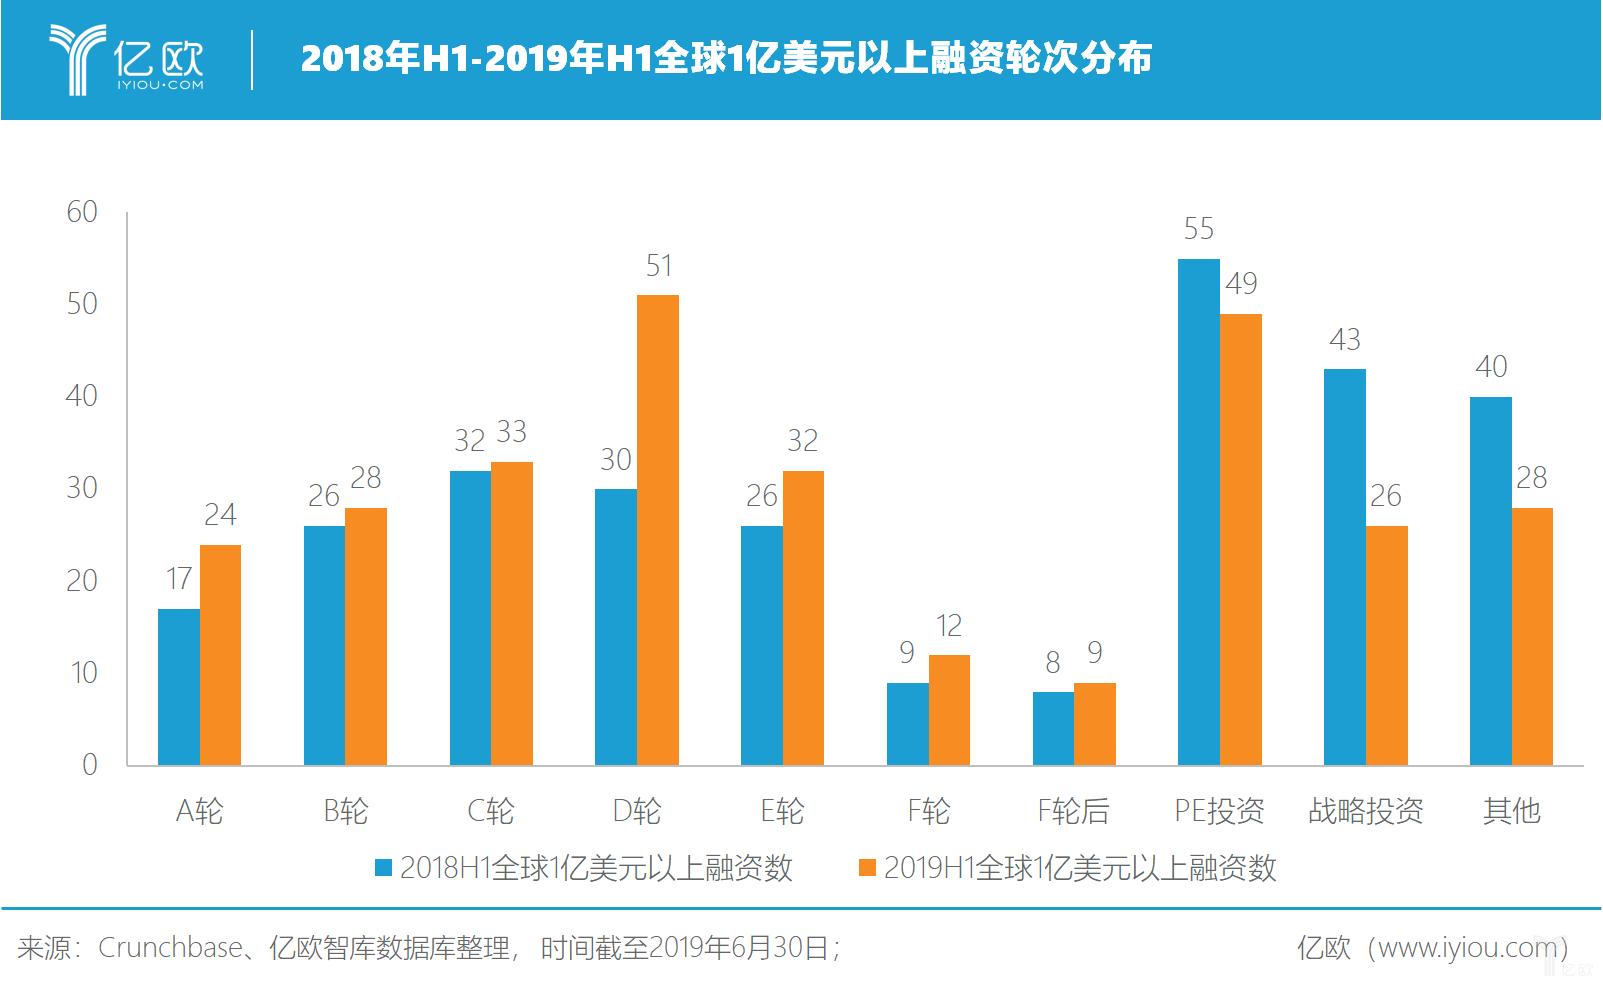 亿欧智库:2018年H1-2019年H1全球1亿美元以上融资轮次分布